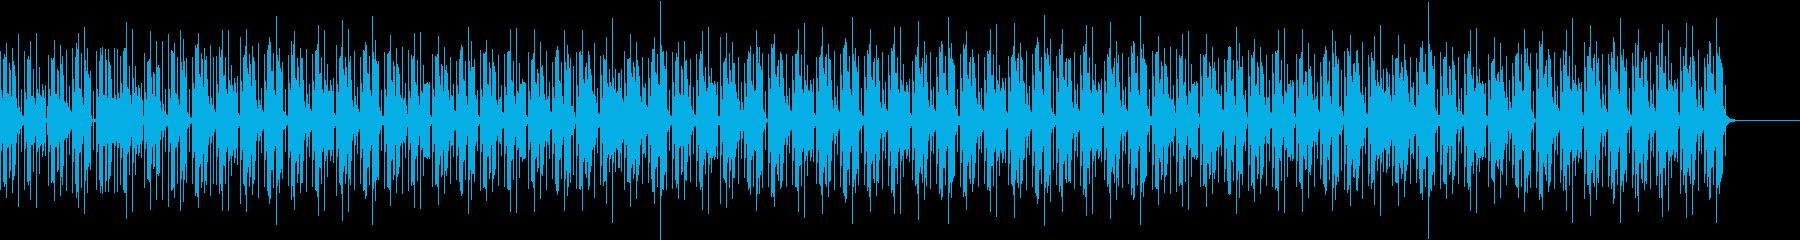 作業系(工作、料理、パズル)ゆるいBGMの再生済みの波形